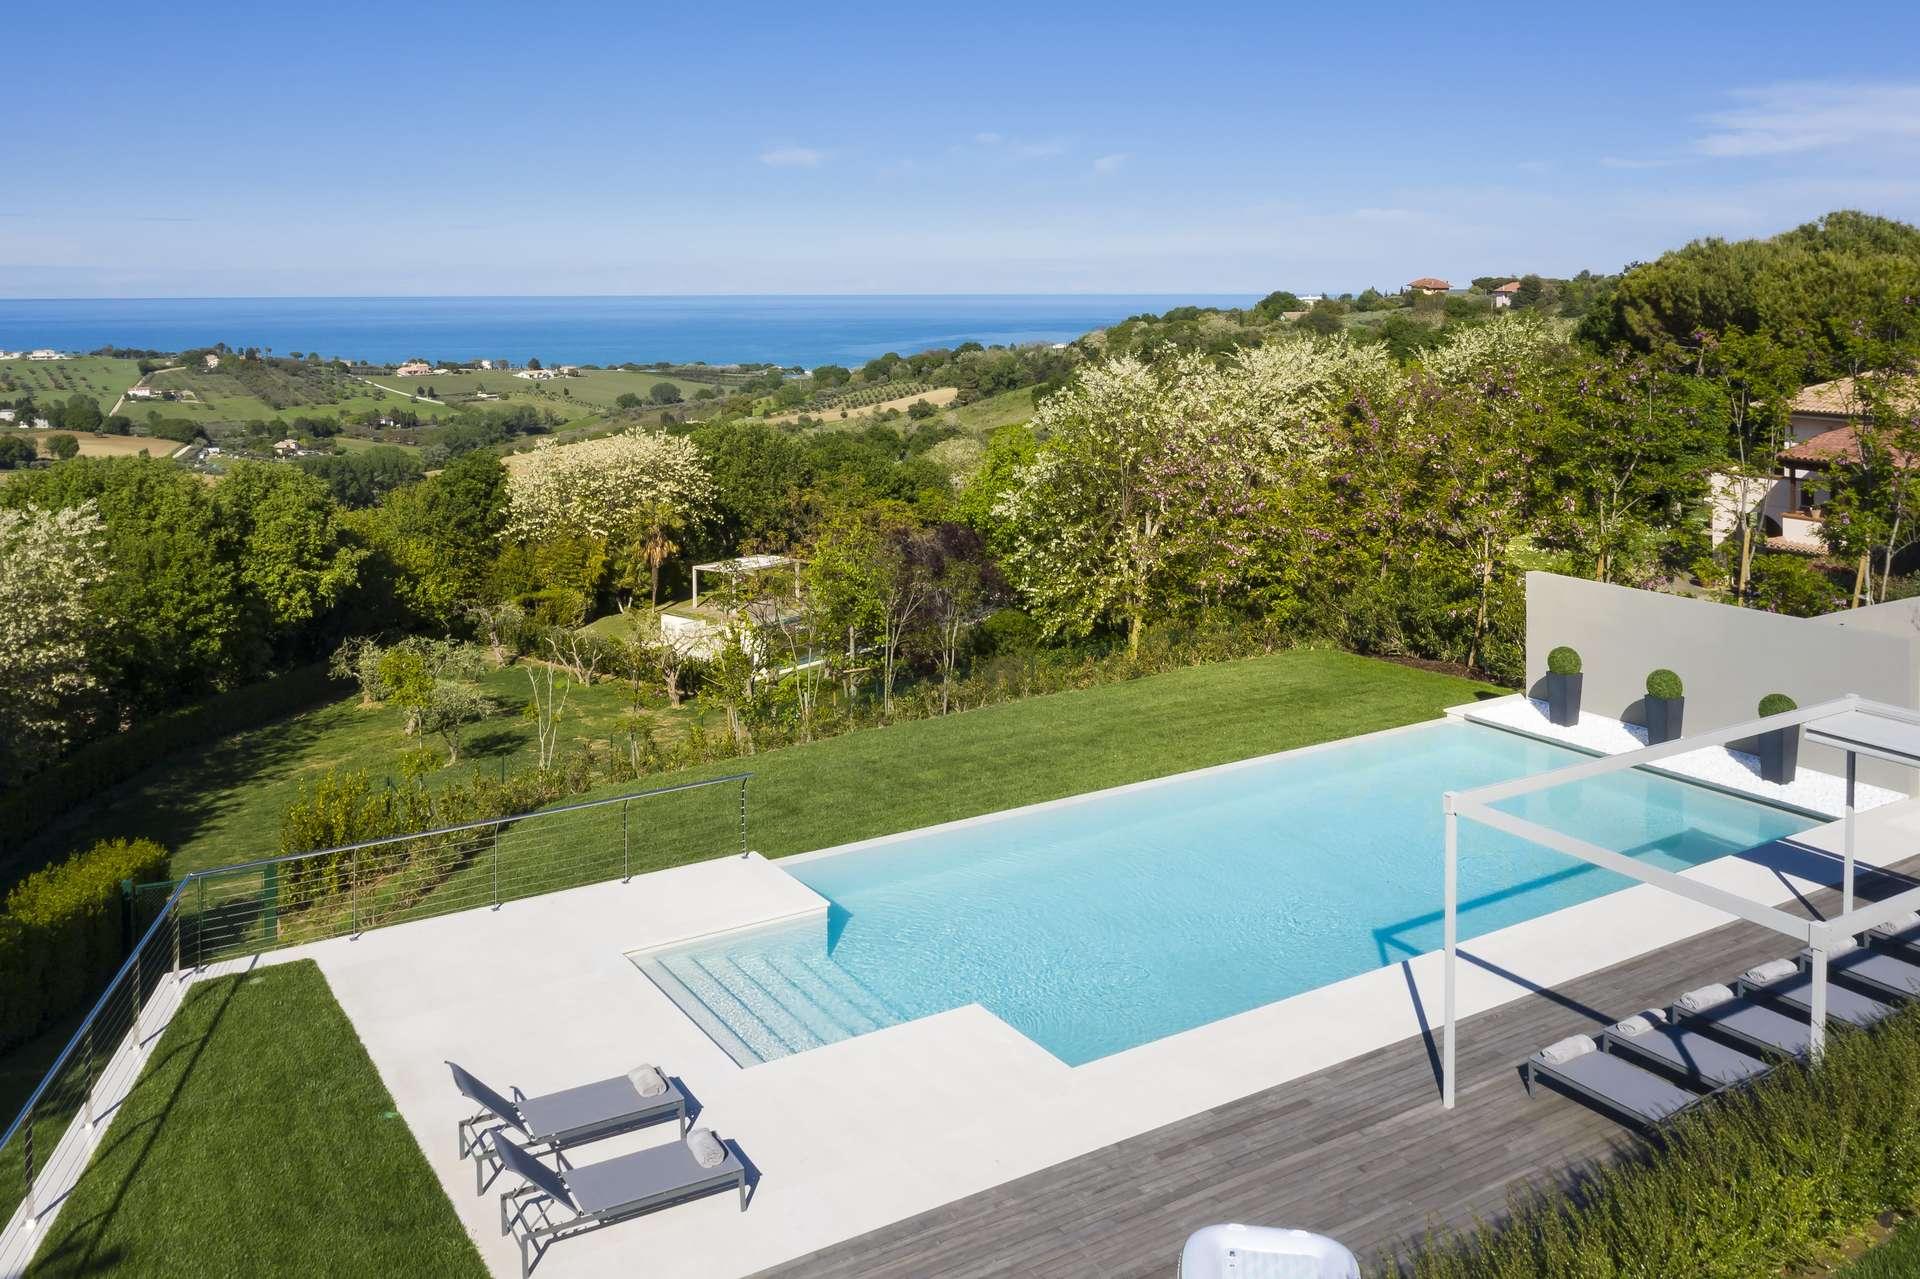 - Oliveto Estate - Image 1/48